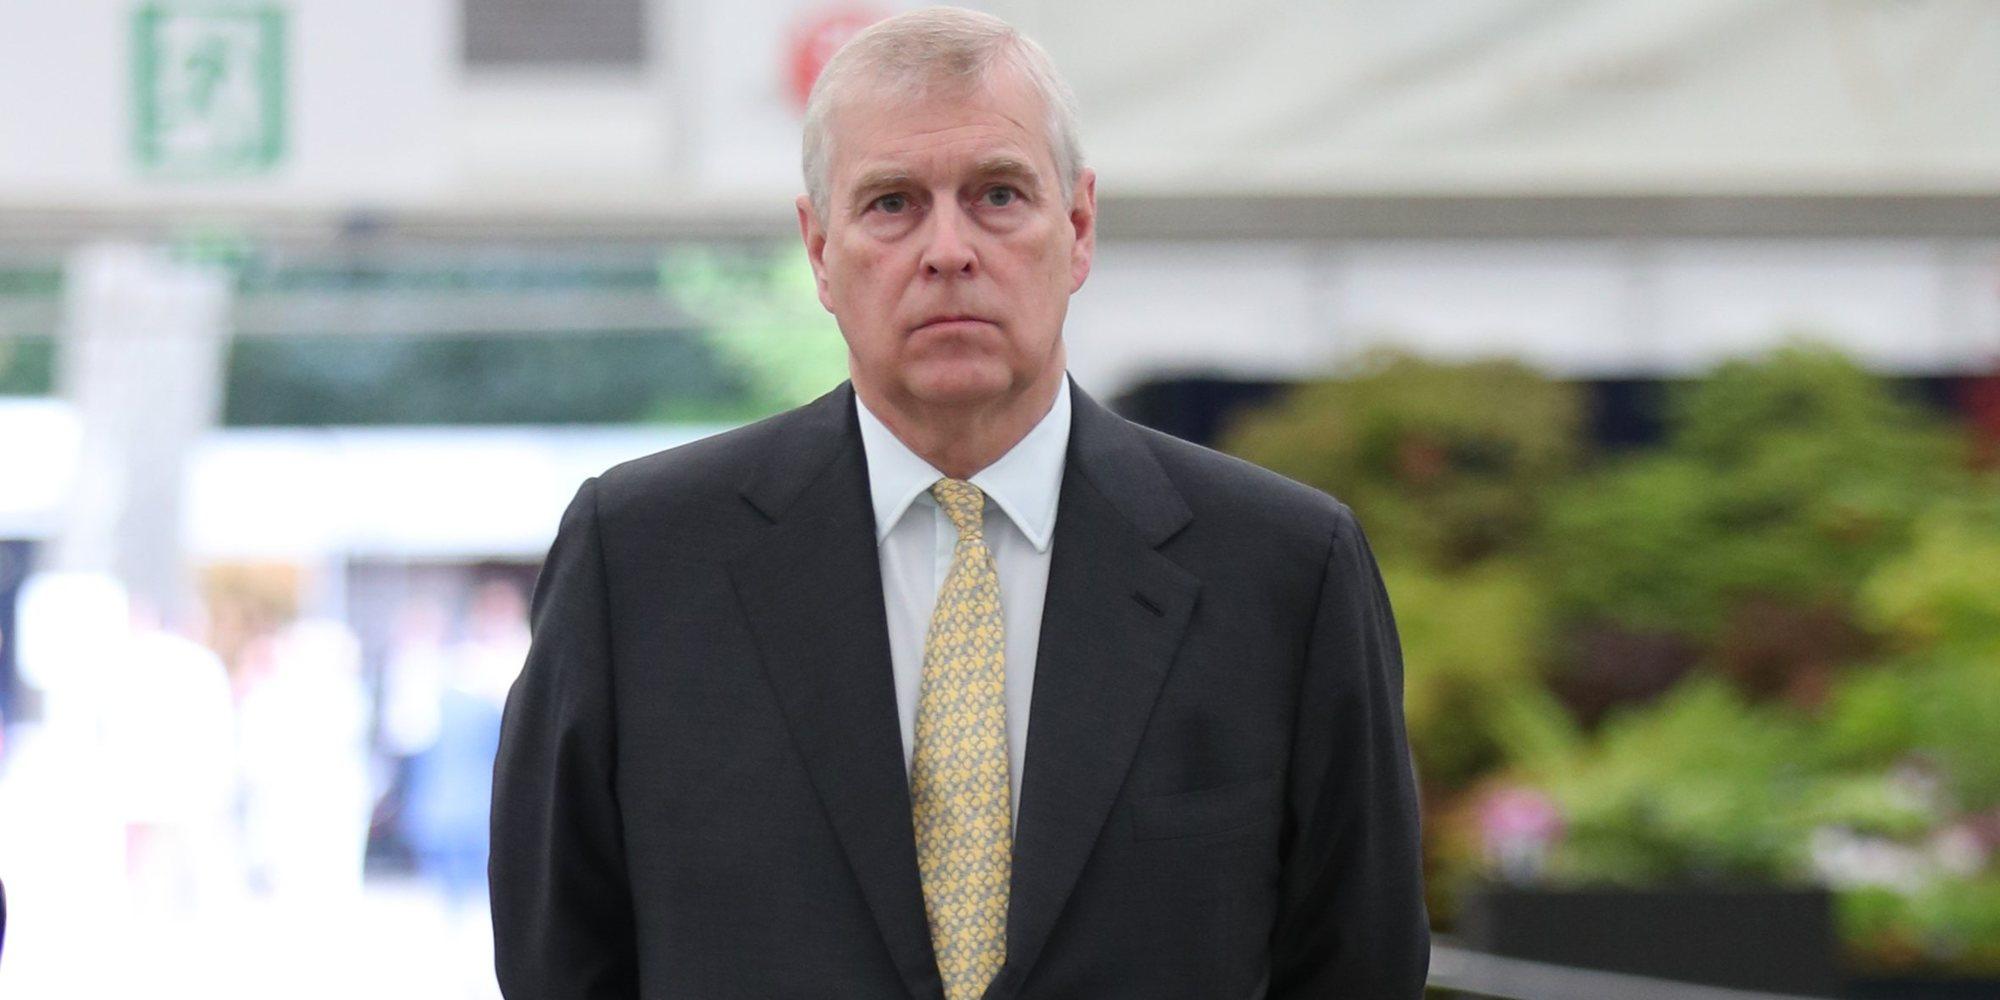 """Una víctima de Jeffrey Epstein declara sobre el Príncipe Andrés: """"Sabe lo que hizo y espero que lo aclare"""""""